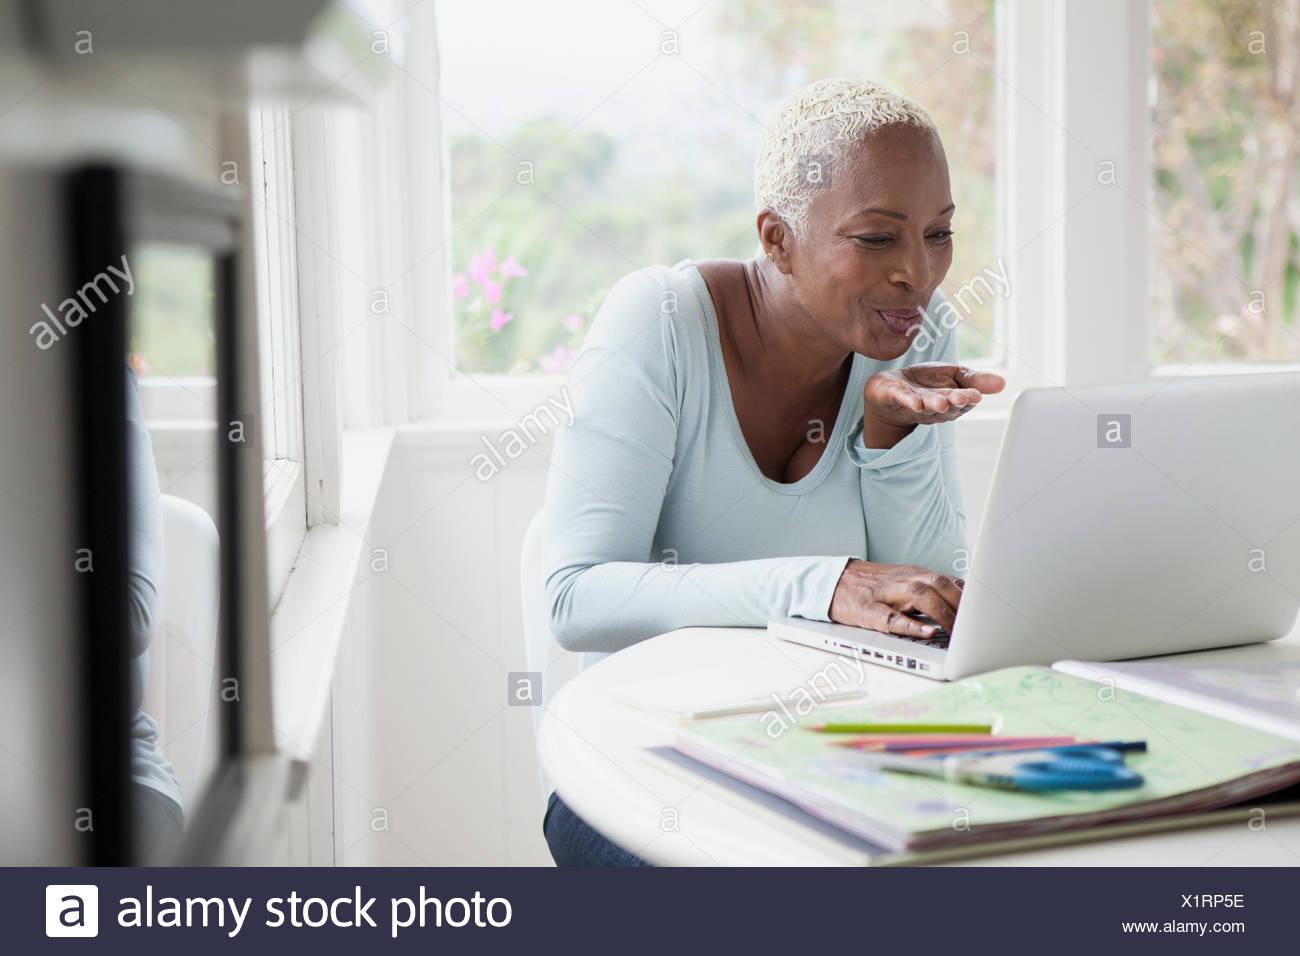 Middle aged woman blowing kisses au cours de chat en ligne Photo Stock